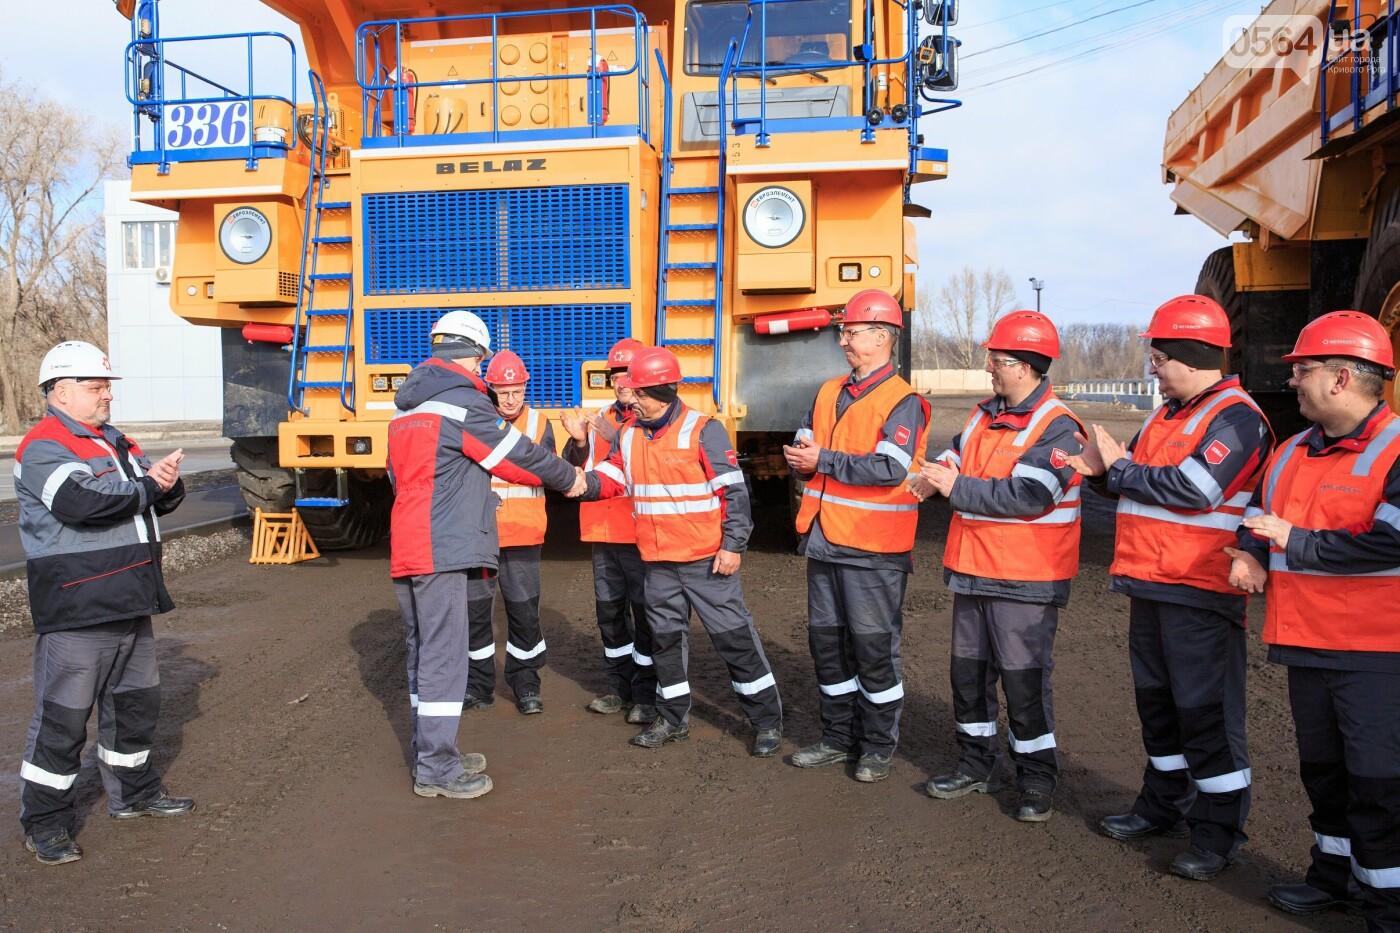 ЦГОК приобрел новые автосамосвалы для работы в Глееватском карьере, фото-2